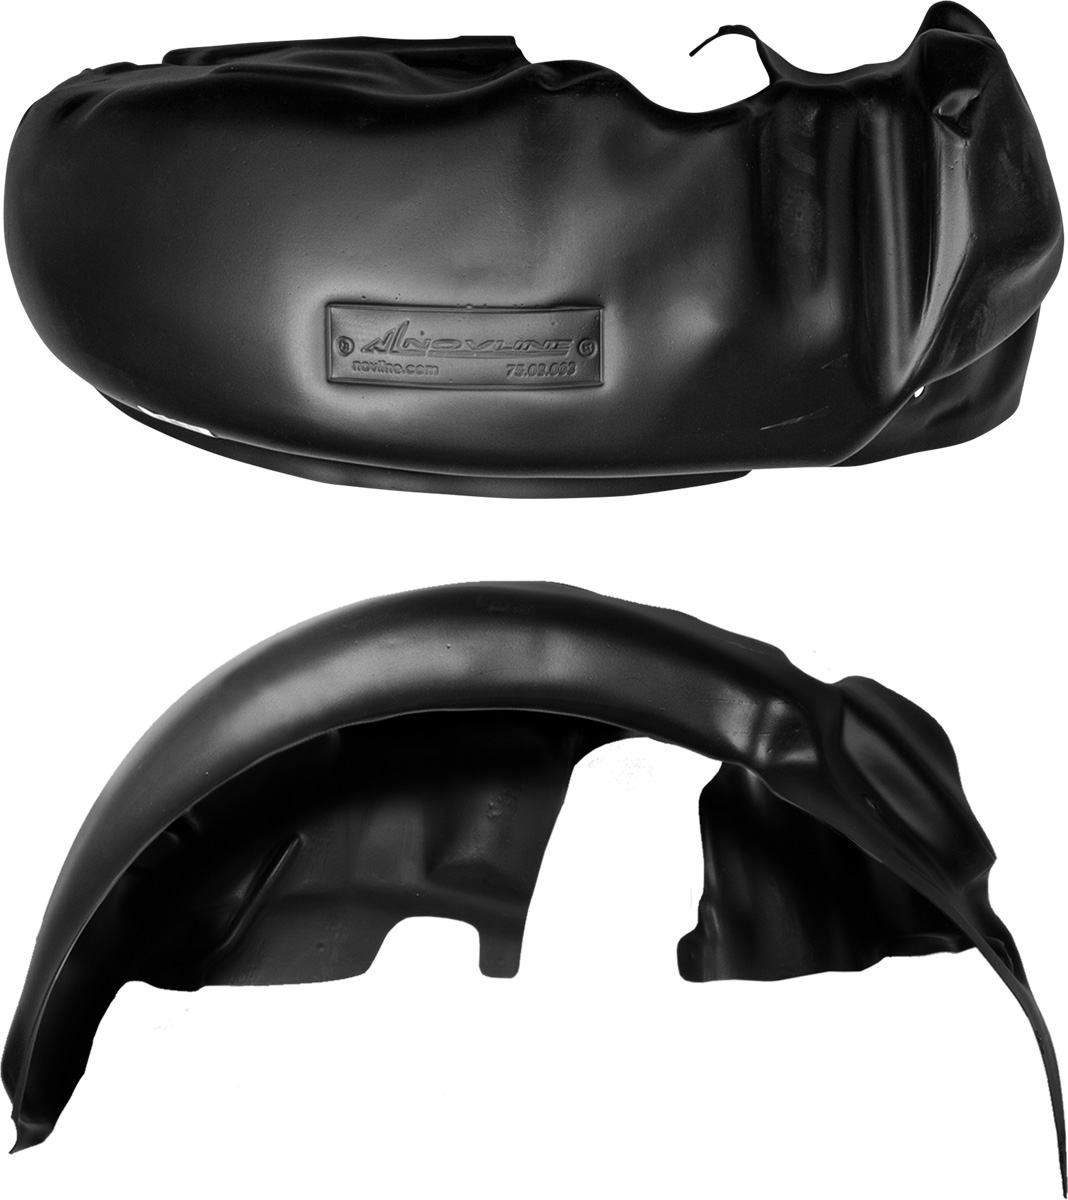 Подкрылок CHEVROLET NIVA 2009-2013, передний левый1004900000360Колесные ниши – одни из самых уязвимых зон днища вашего автомобиля. Они постоянно подвергаются воздействию со стороны дороги. Лучшая, почти абсолютная защита для них - специально отформованные пластиковые кожухи, которые называются подкрылками, или локерами. Производятся они как для отечественных моделей автомобилей, так и для иномарок. Подкрылки выполнены из высококачественного, экологически чистого пластика. Обеспечивают надежную защиту кузова автомобиля от пескоструйного эффекта и негативного влияния, агрессивных антигололедных реагентов. Пластик обладает более низкой теплопроводностью, чем металл, поэтому в зимний период эксплуатации использование пластиковых подкрылков позволяет лучше защитить колесные ниши от налипания снега и образования наледи. Оригинальность конструкции подчеркивает элегантность автомобиля, бережно защищает нанесенное на днище кузова антикоррозийное покрытие и позволяет осуществить крепление подкрылков внутри колесной арки практически без дополнительного крепежа и сверления, не нарушая при этом лакокрасочного покрытия, что предотвращает возникновение новых очагов коррозии. Технология крепления подкрылков на иномарки принципиально отличается от крепления на российские автомобили и разрабатывается индивидуально для каждой модели автомобиля. Подкрылки долговечны, обладают высокой прочностью и сохраняют заданную форму, а также все свои физико-механические характеристики в самых тяжелых климатических условиях ( от -50° С до + 50° С).